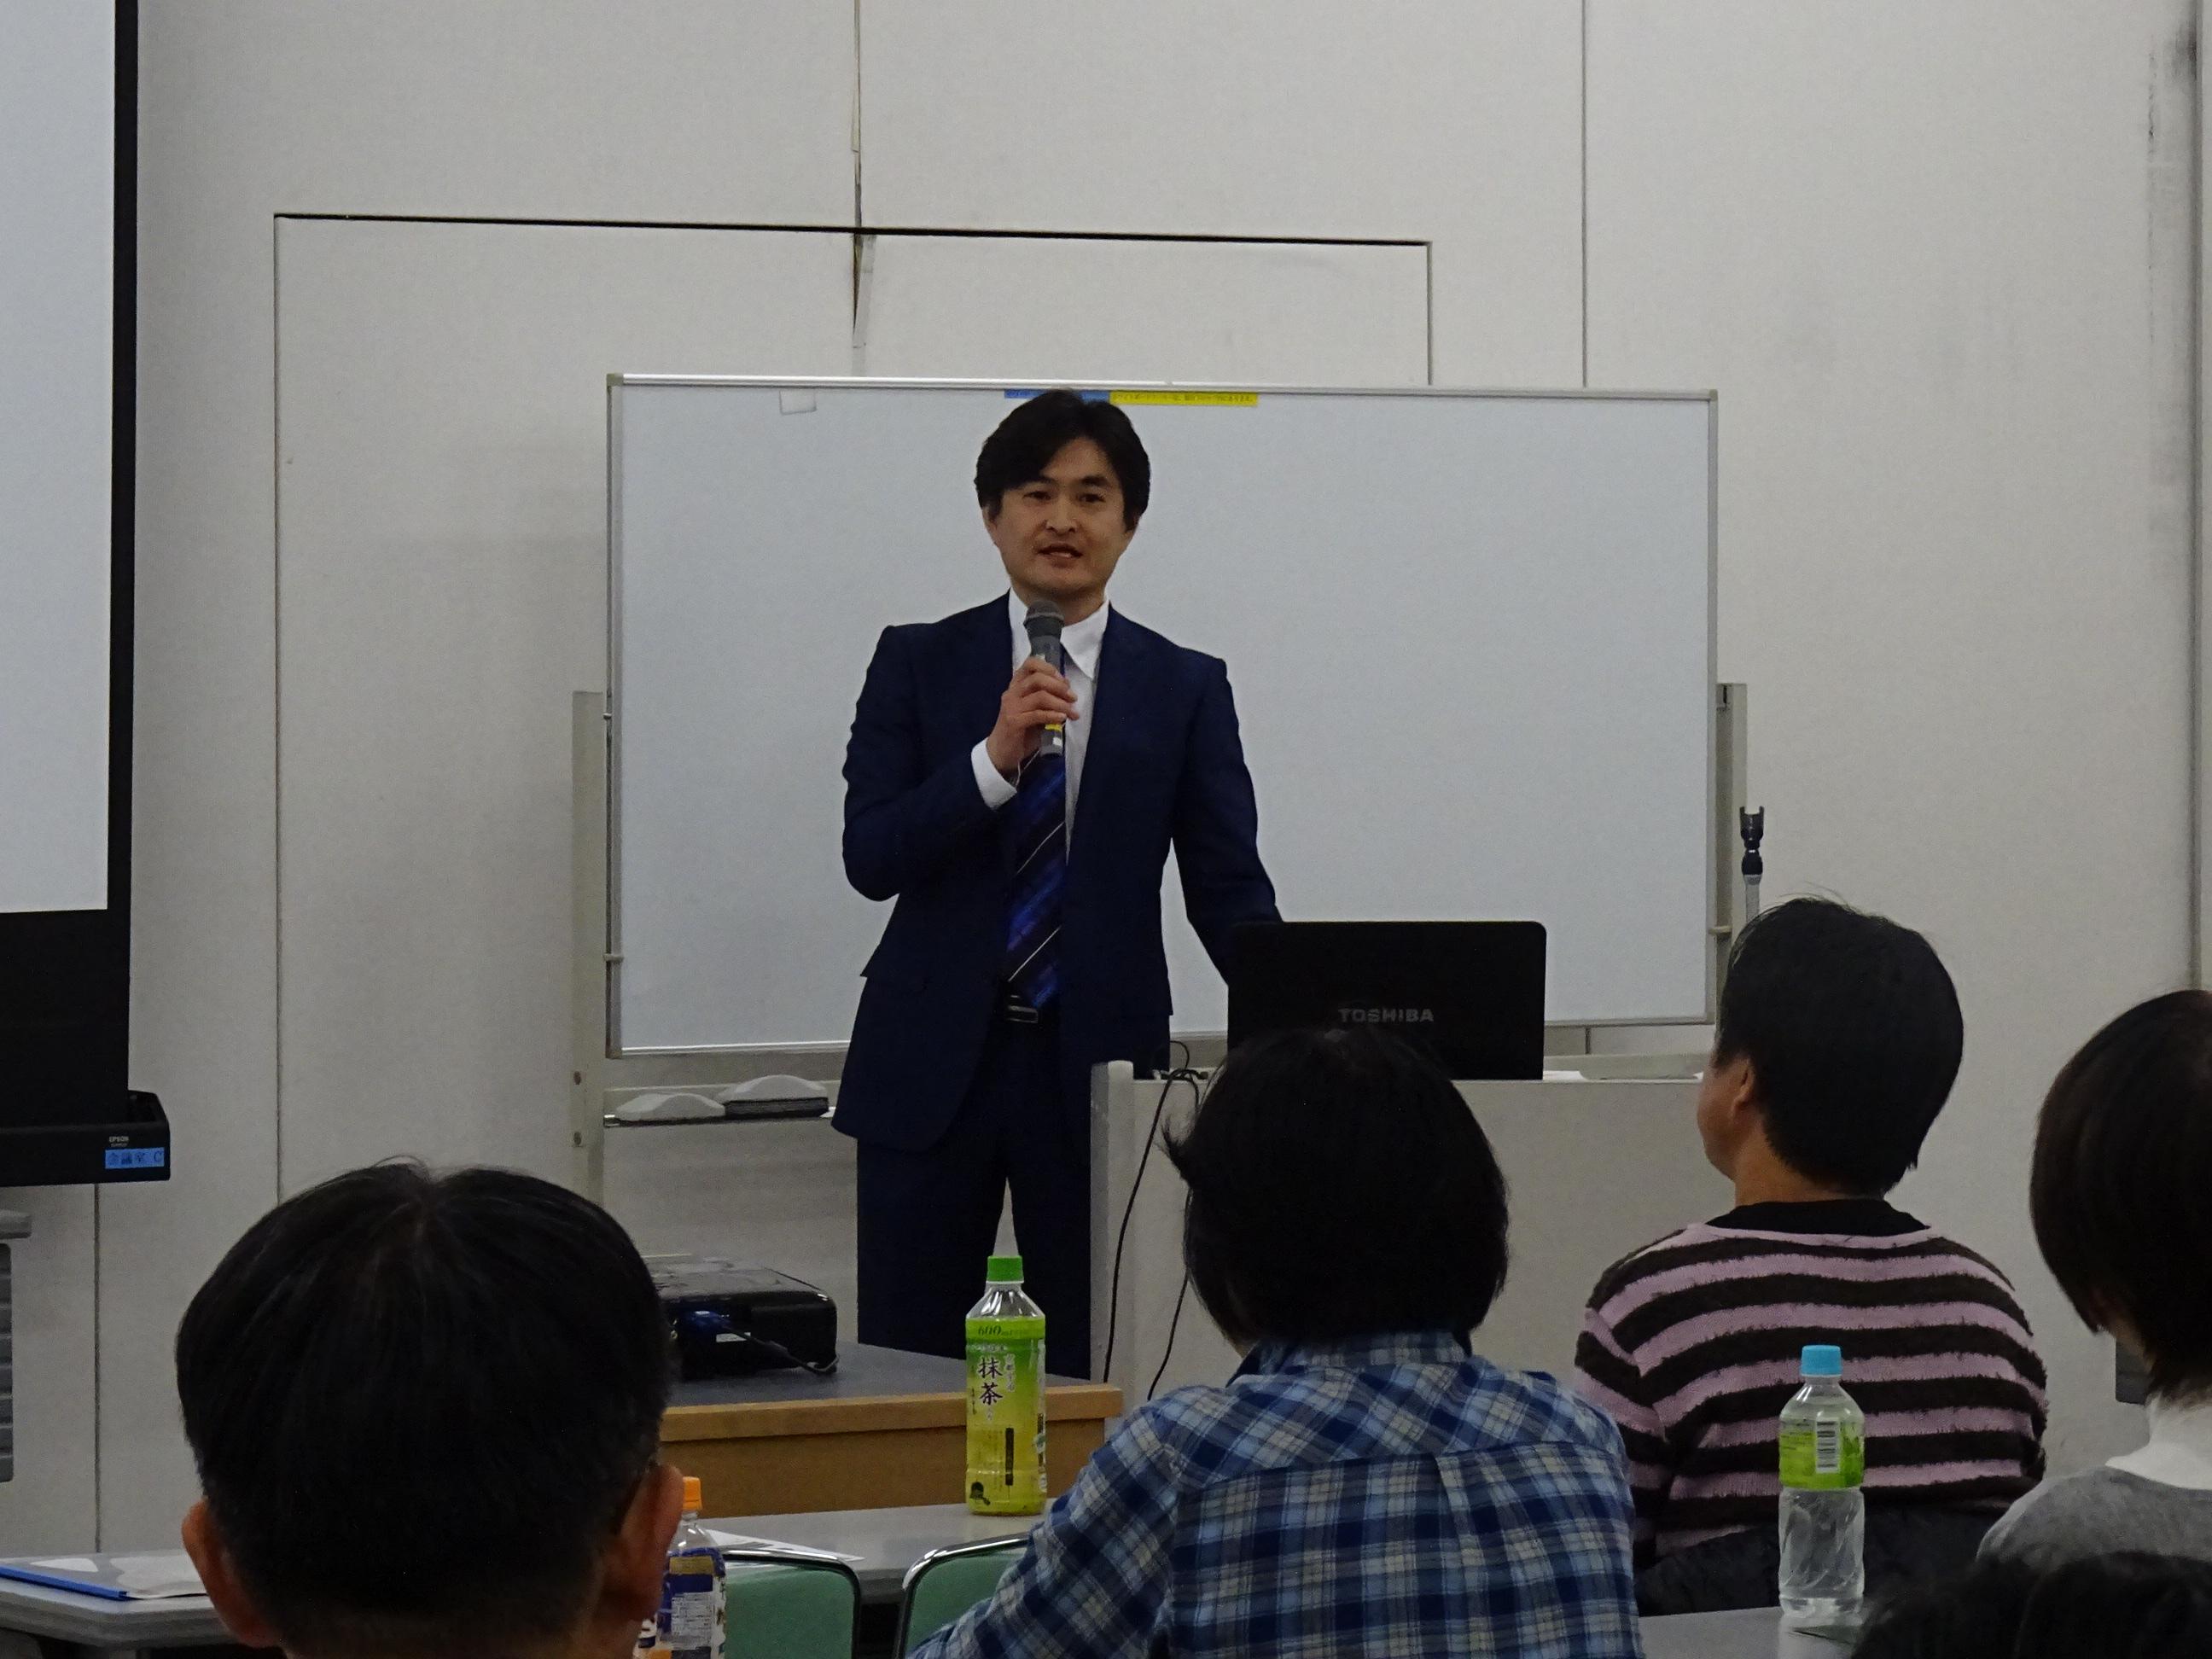 【さいたま】満足度の高い講師になるためのセミナーの作り方画像01